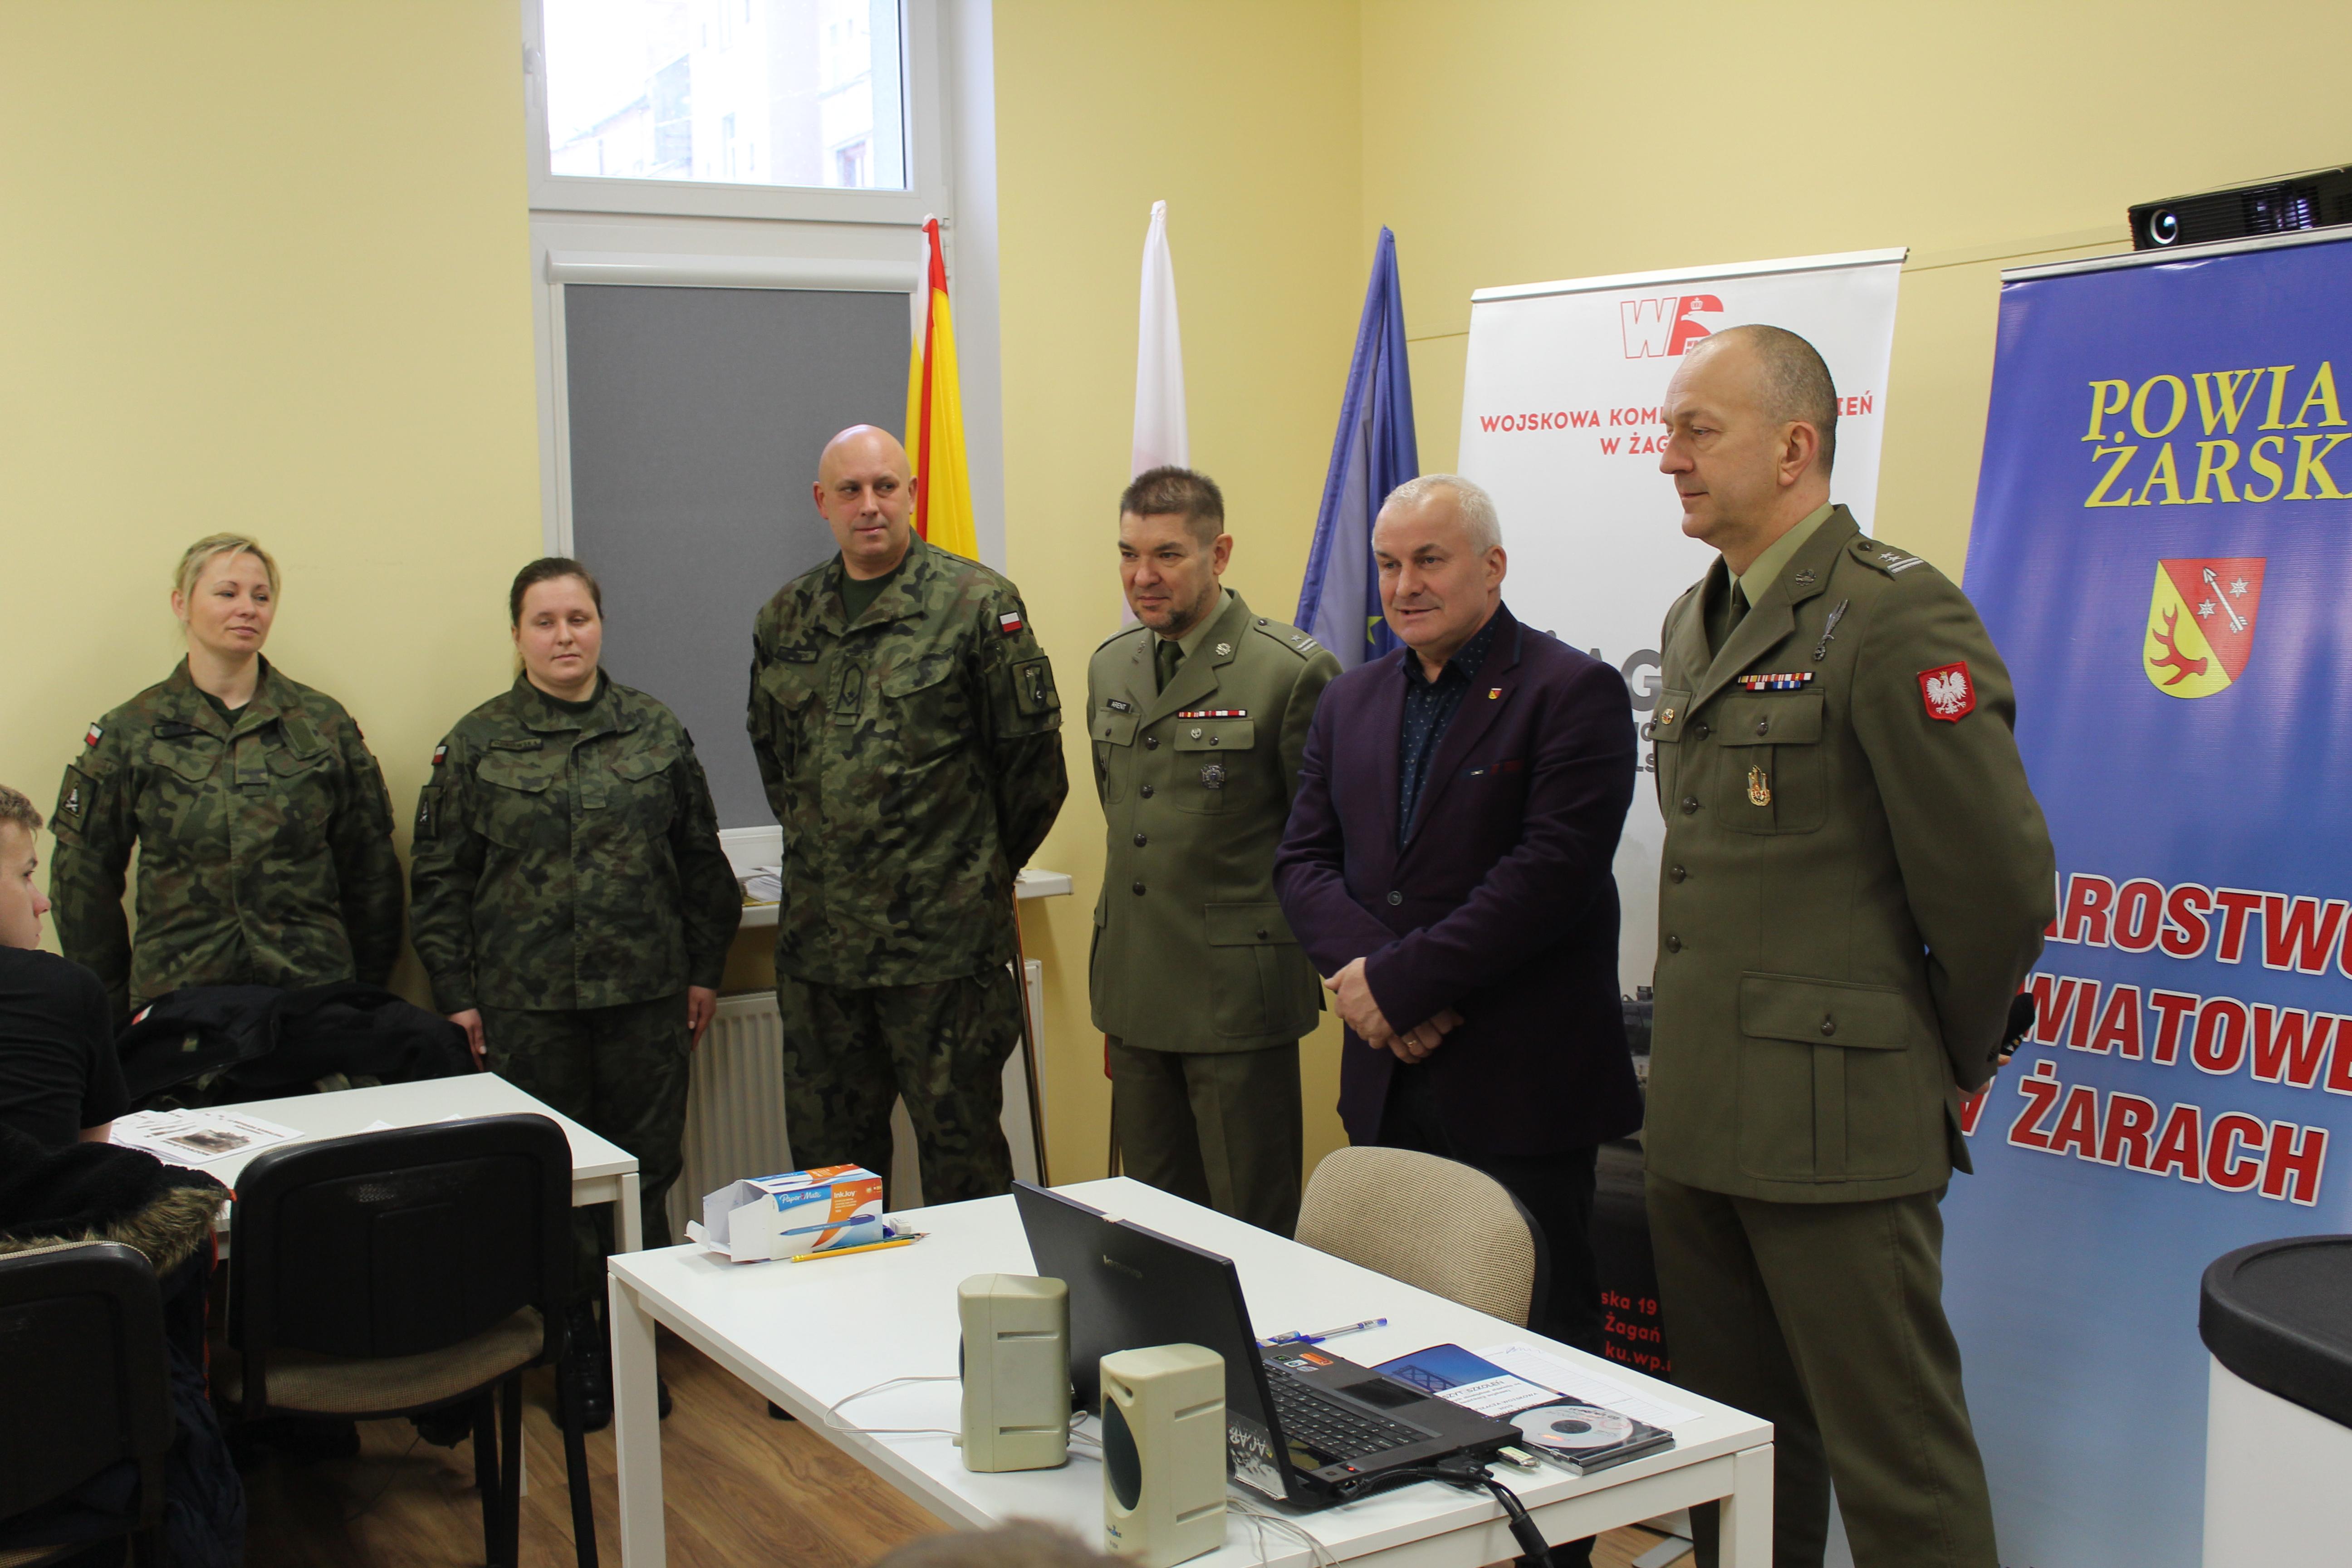 Ilustracja do informacji: Kwalifikacja Wojskowa w Powiecie Żarskim rozpoczęta!